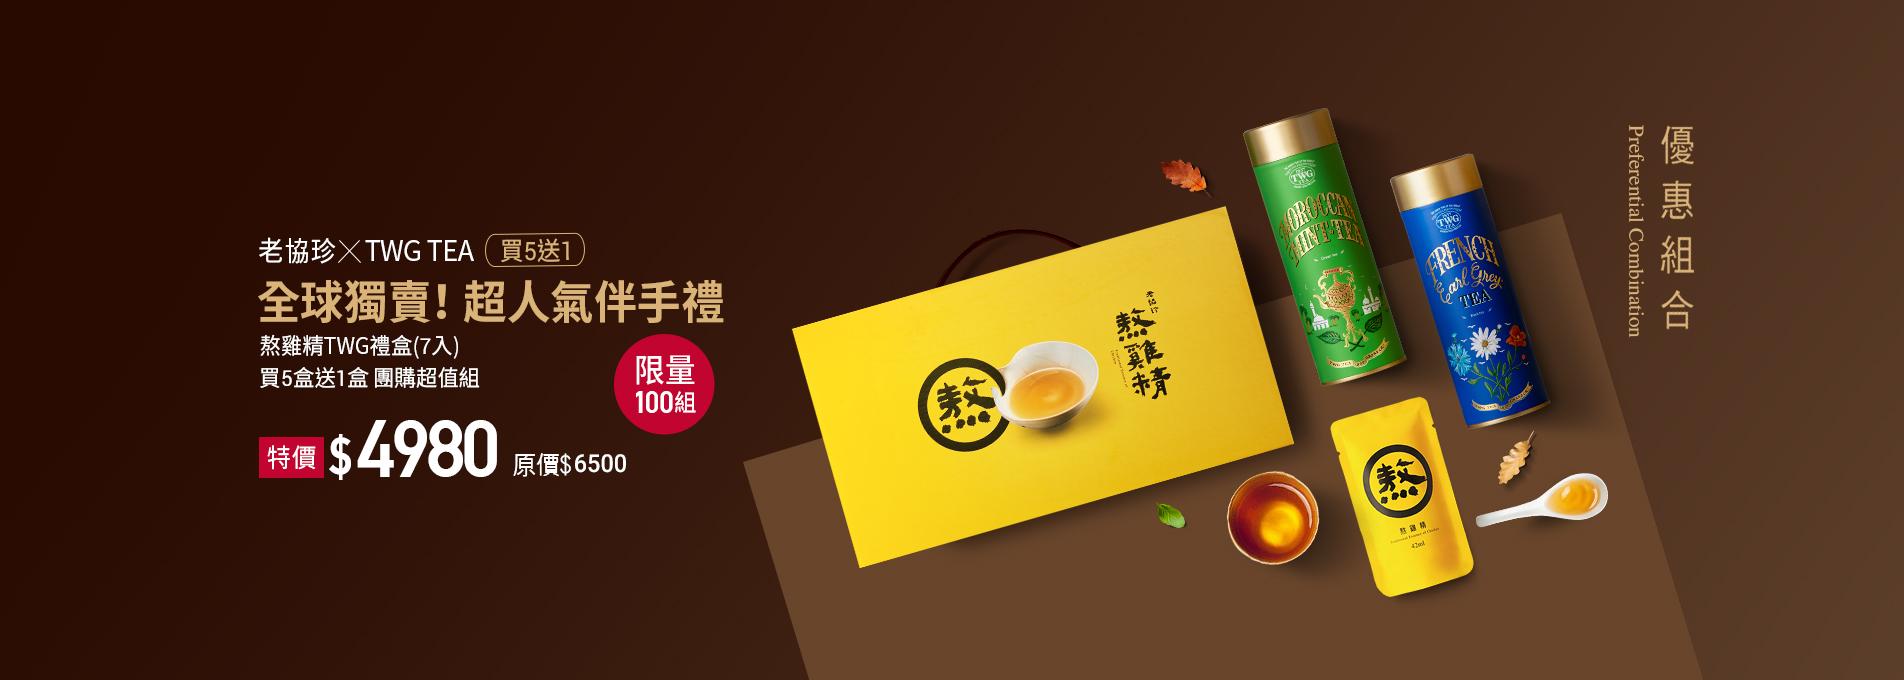 熬雞精TWG禮盒(7入)買5盒送1盒 團購超值組